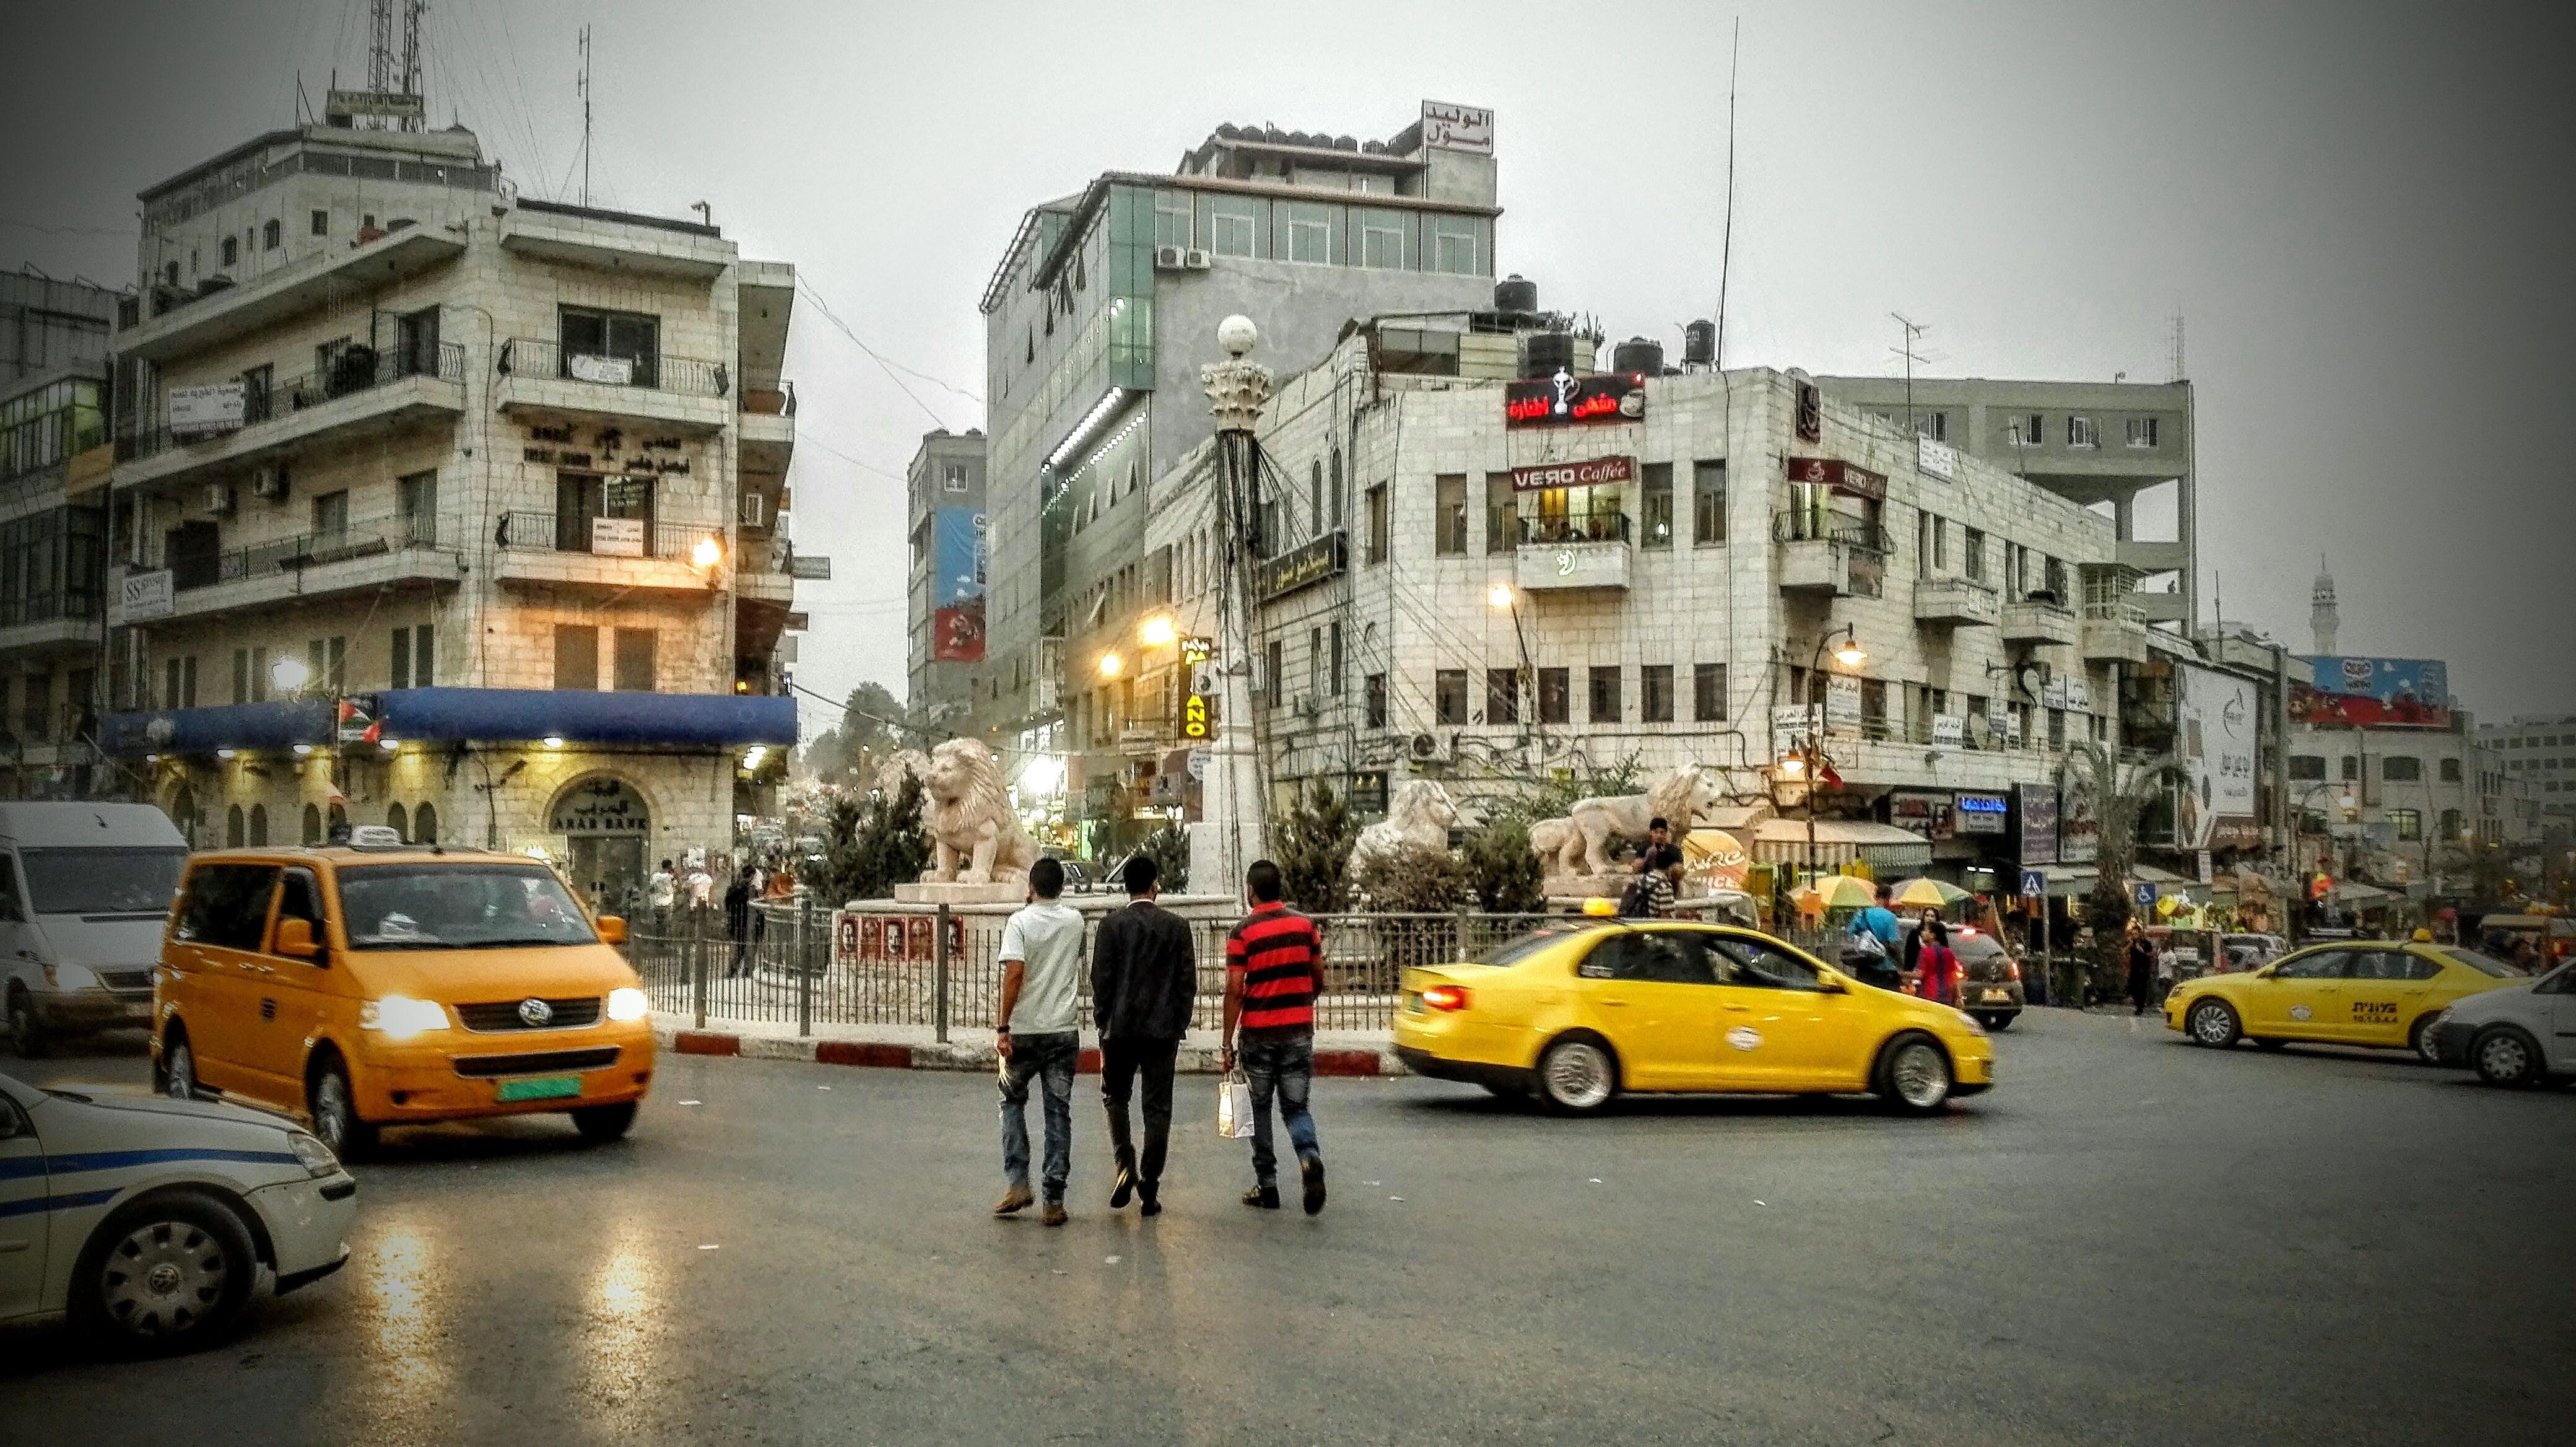 Al Manara Square Wikipedia